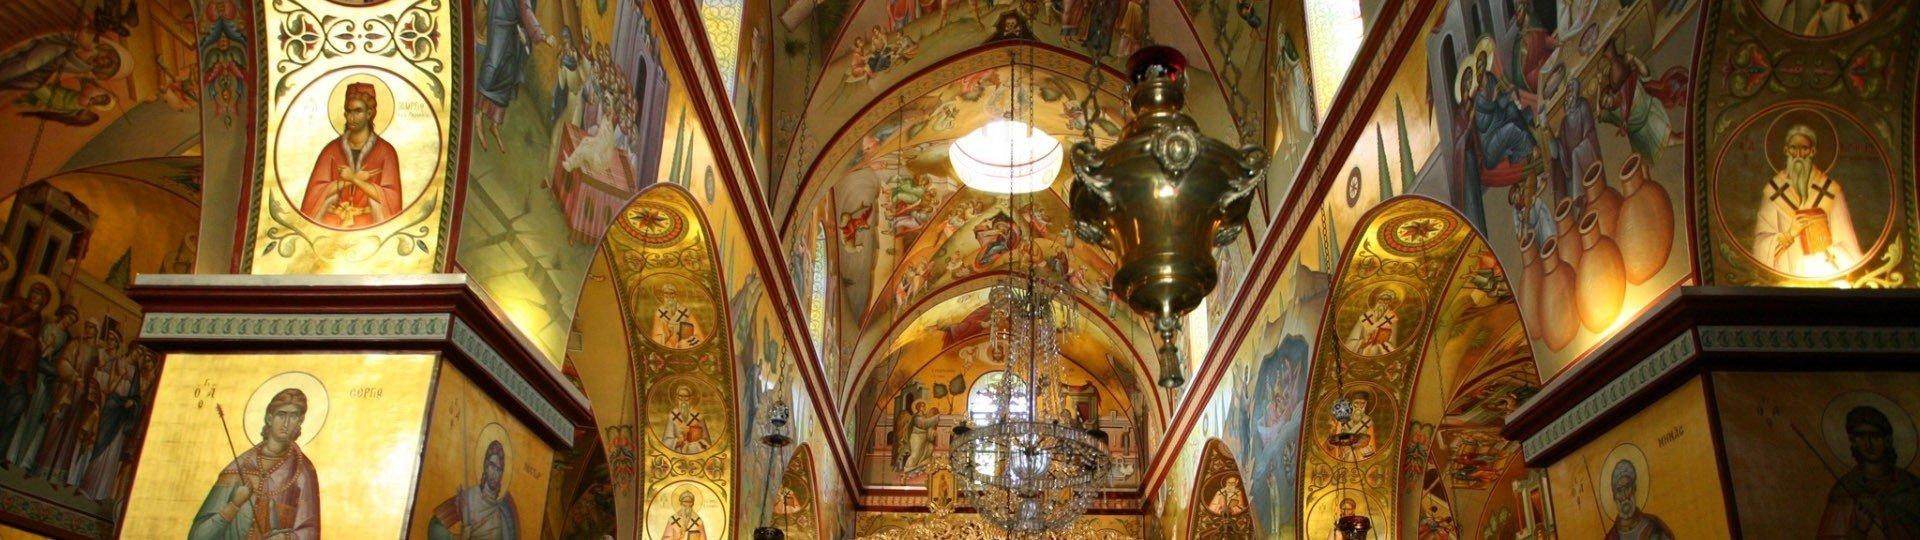 Православный приход Свято-Воскресенского храма поселок Советский